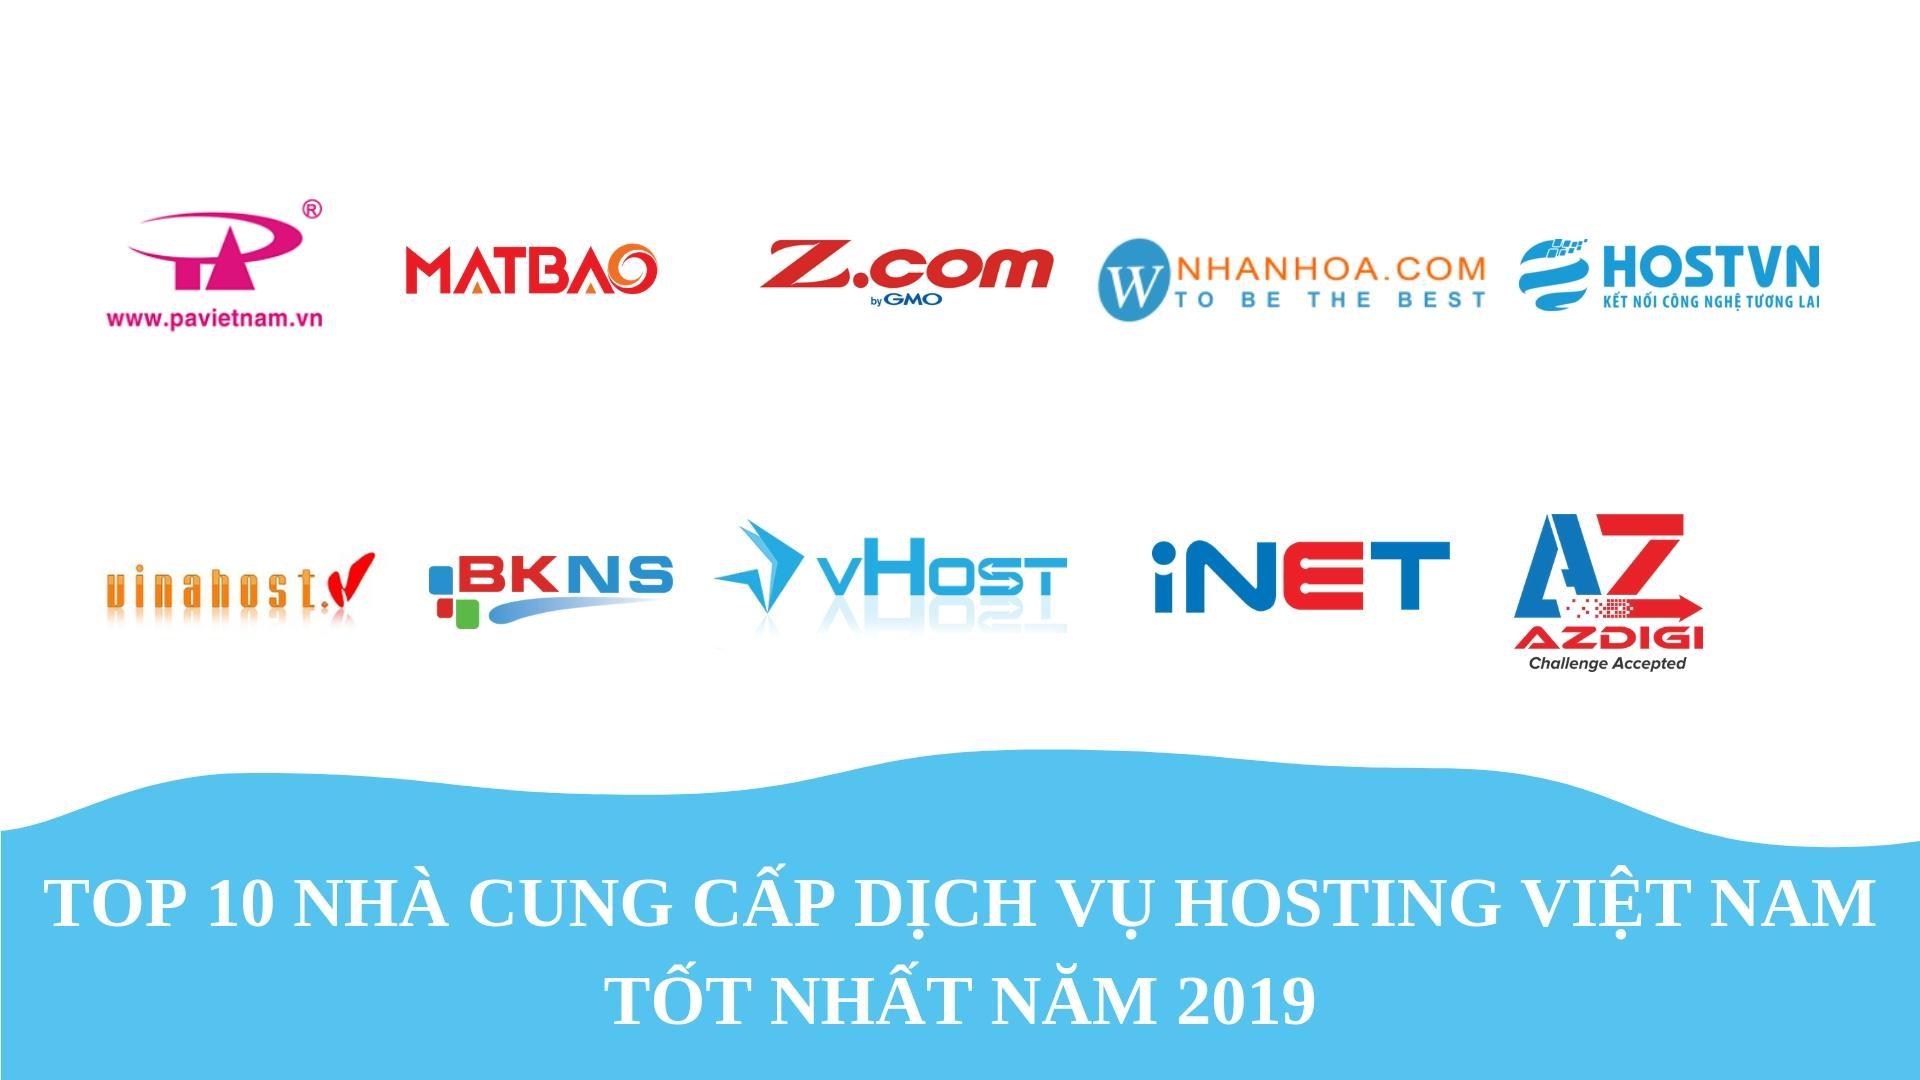 """<img src=""""http://blog.hostvn.net/images/top-10-nha-cung-cap-dich-vu-hosting-viet-nam-tot-nhat.png"""" alt=""""Blog Hostvn """"/>"""